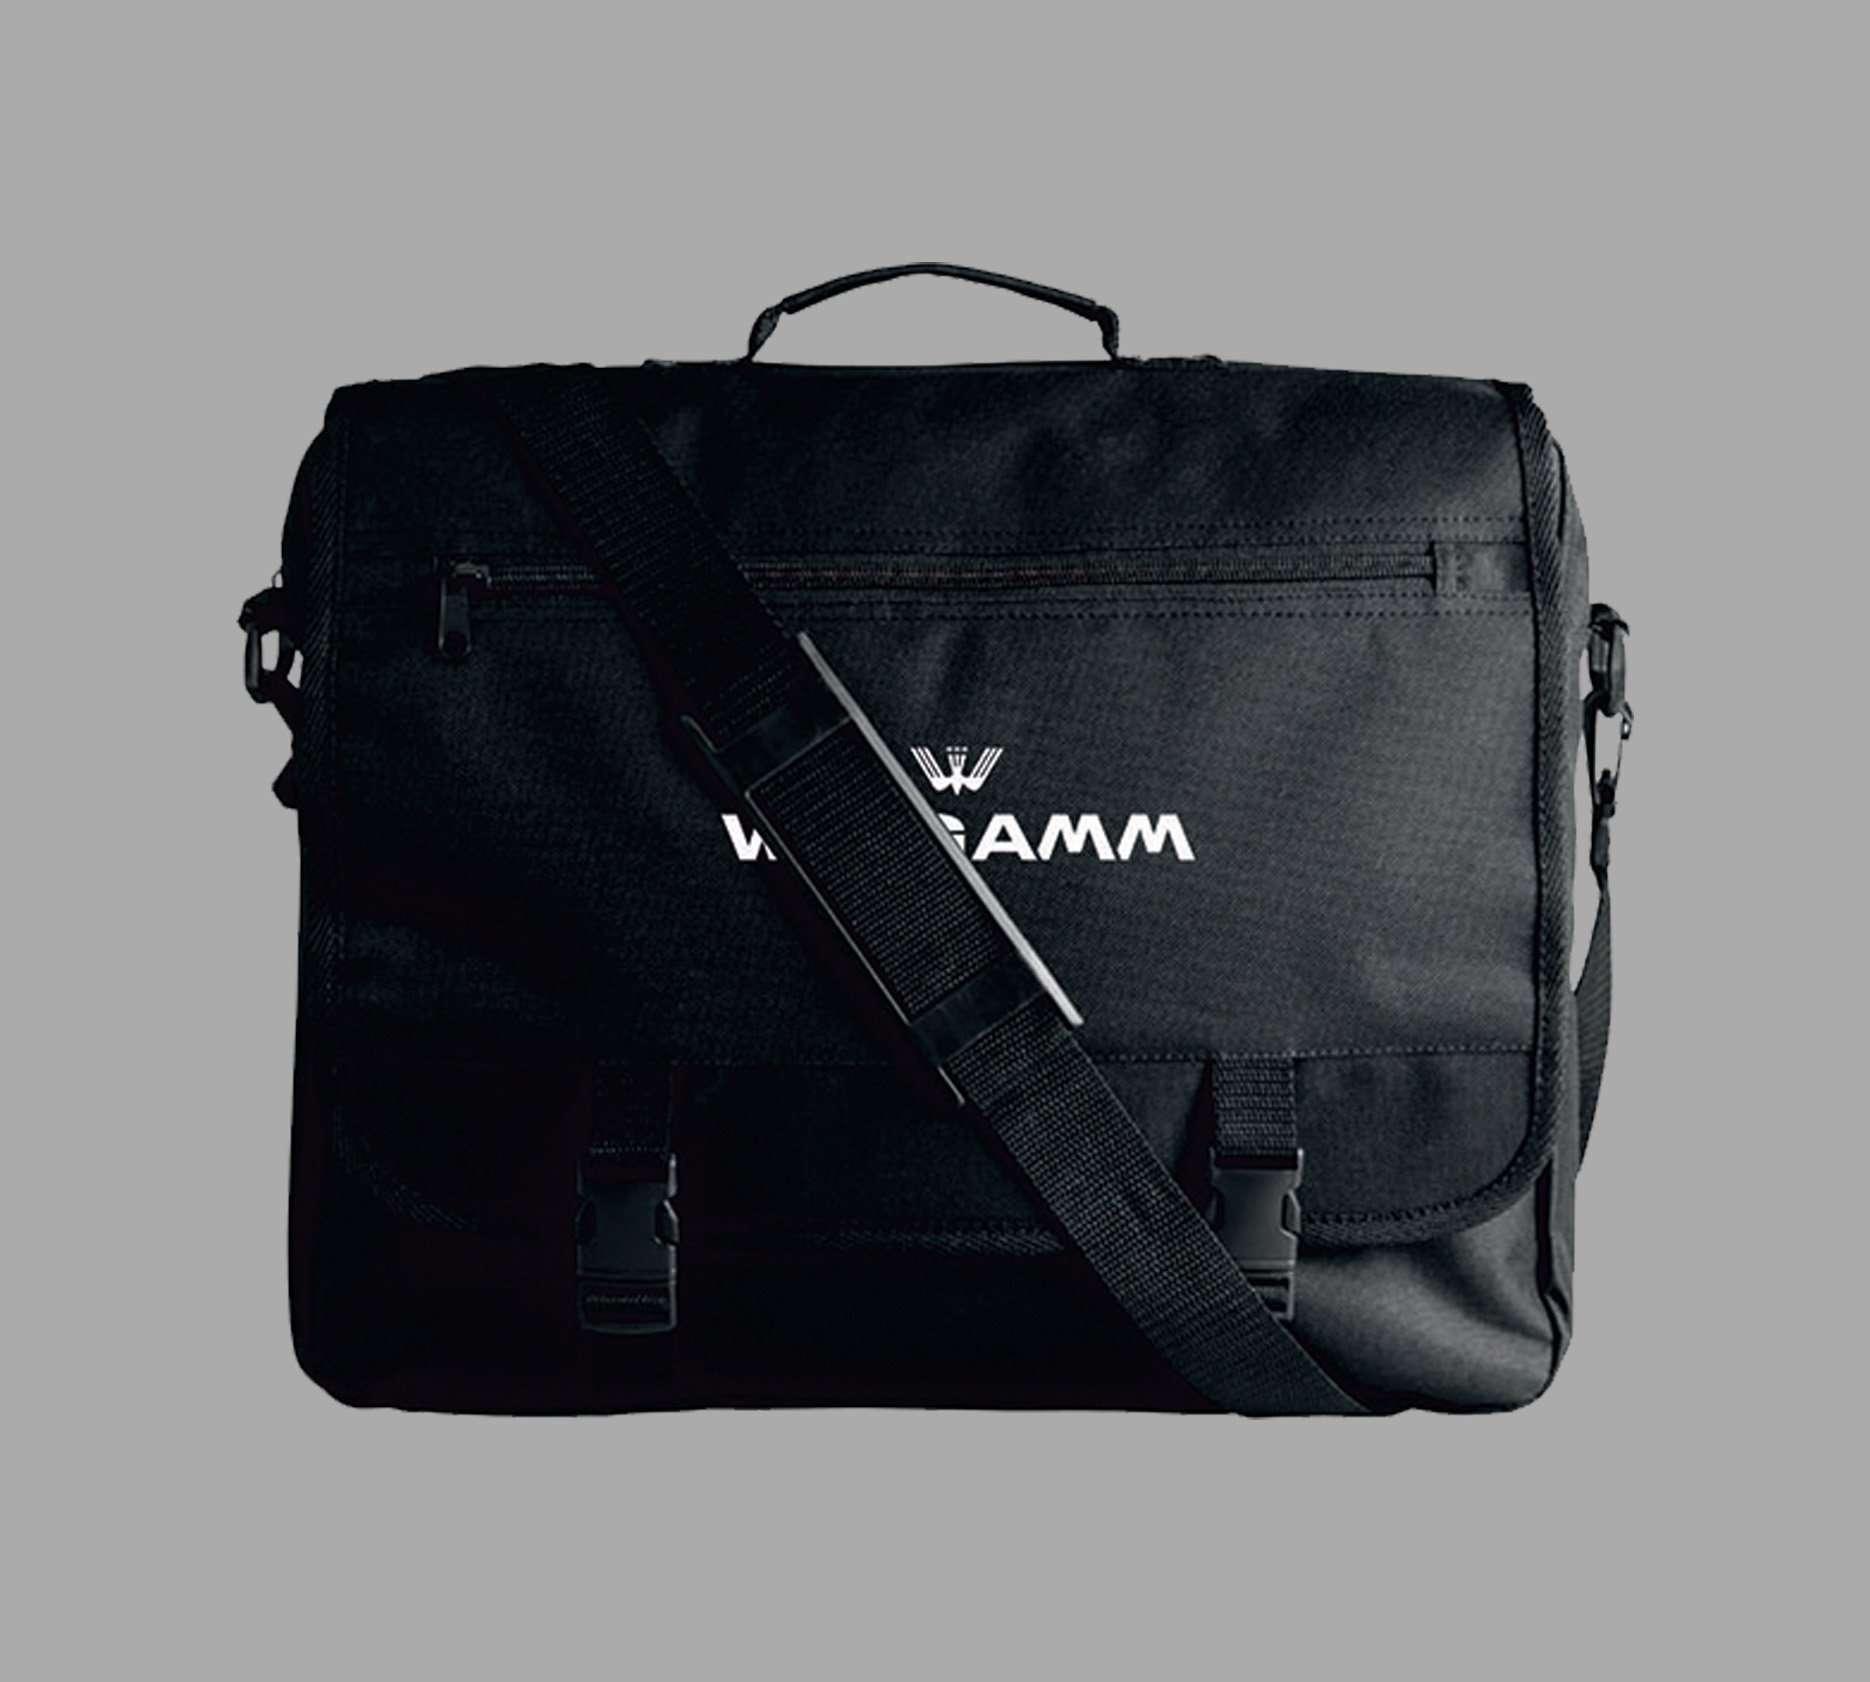 Sacoche pour ordinateur portable Wingamm - camping-car